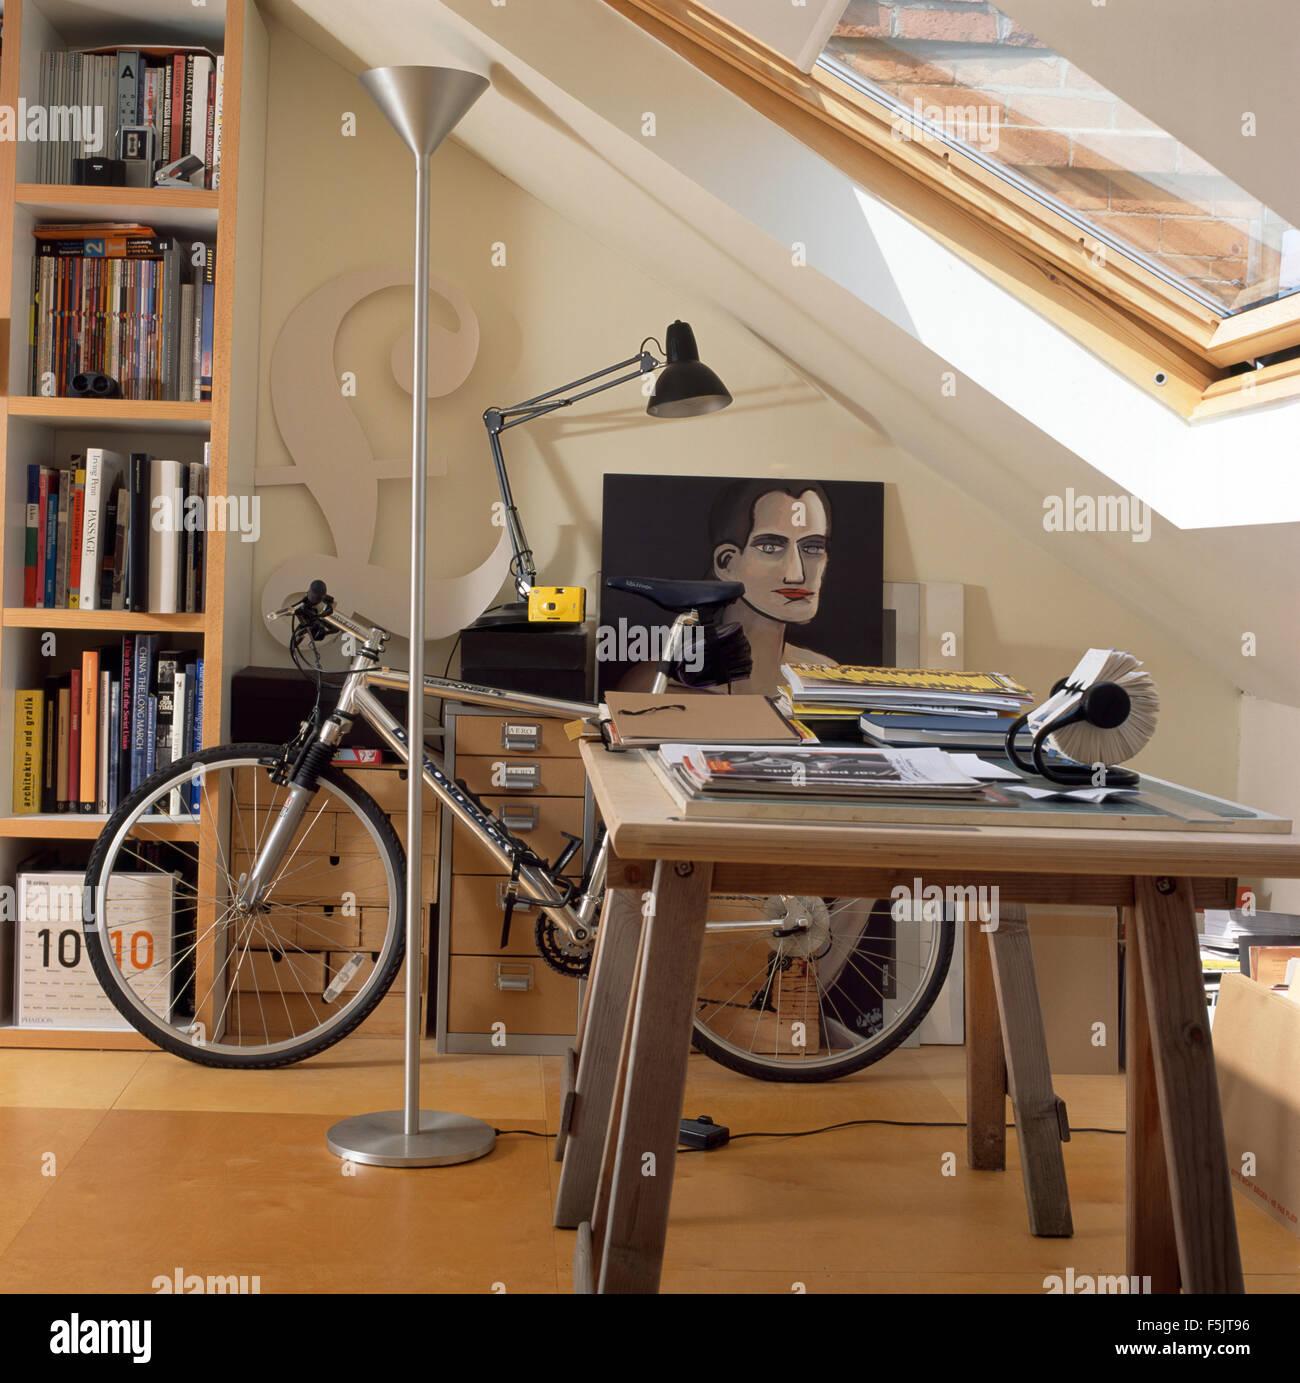 Bicicleta y tall cromo lámpara de piso en ático estudio Imagen De Stock